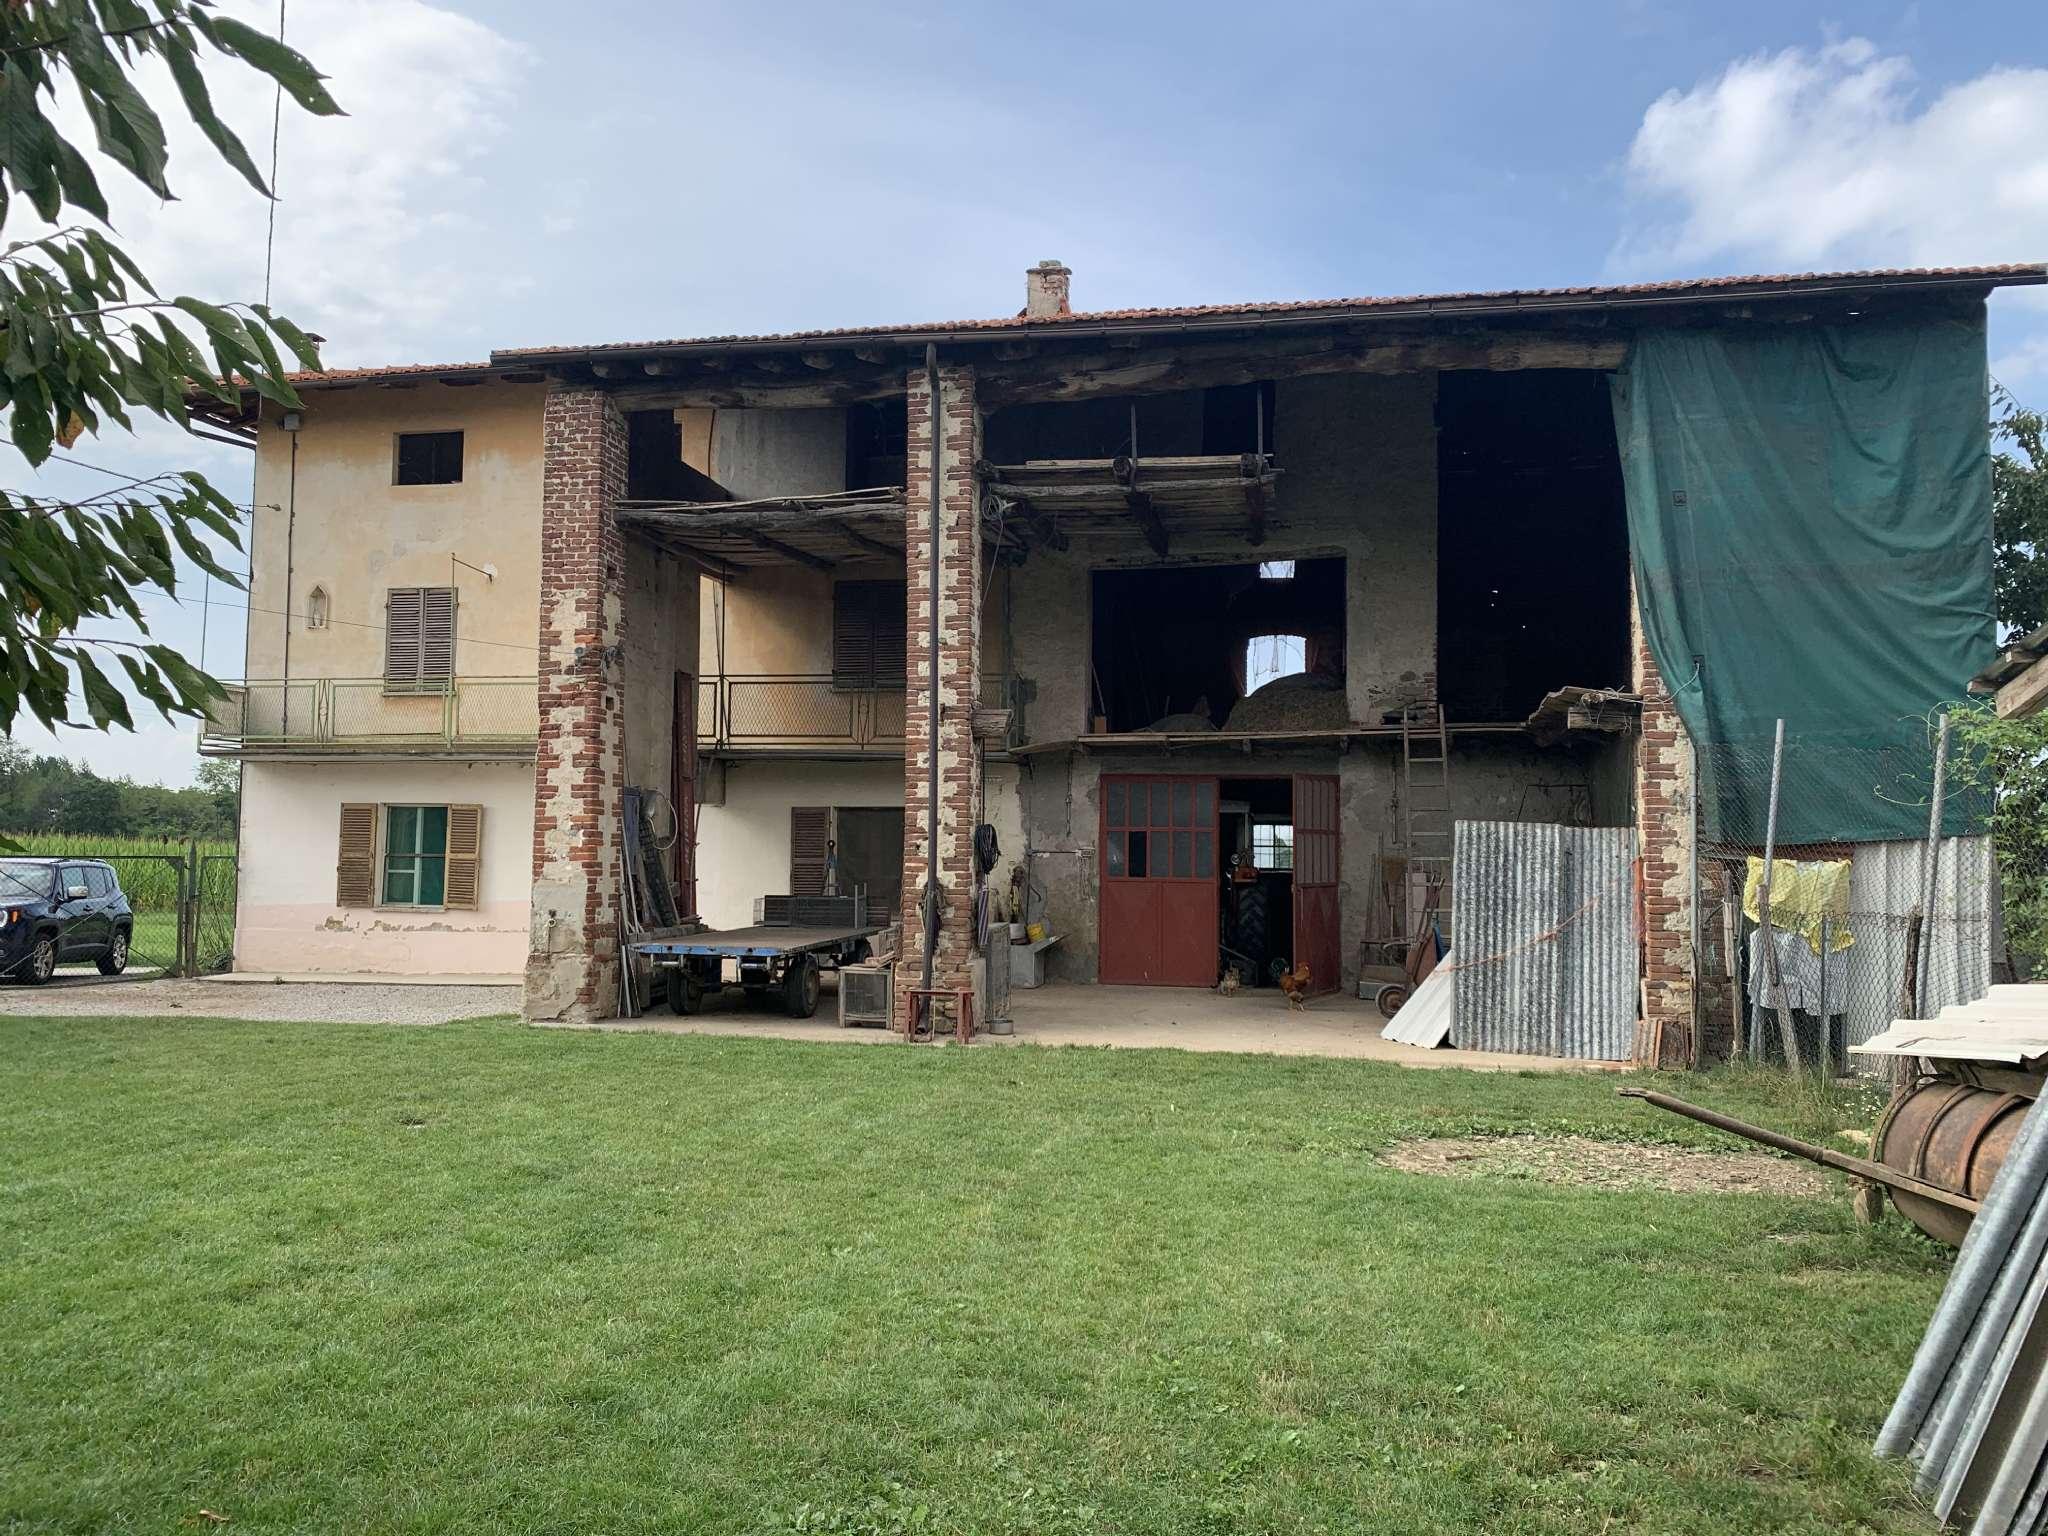 Soluzione Indipendente in vendita a Peveragno, 6 locali, prezzo € 118.000 | CambioCasa.it